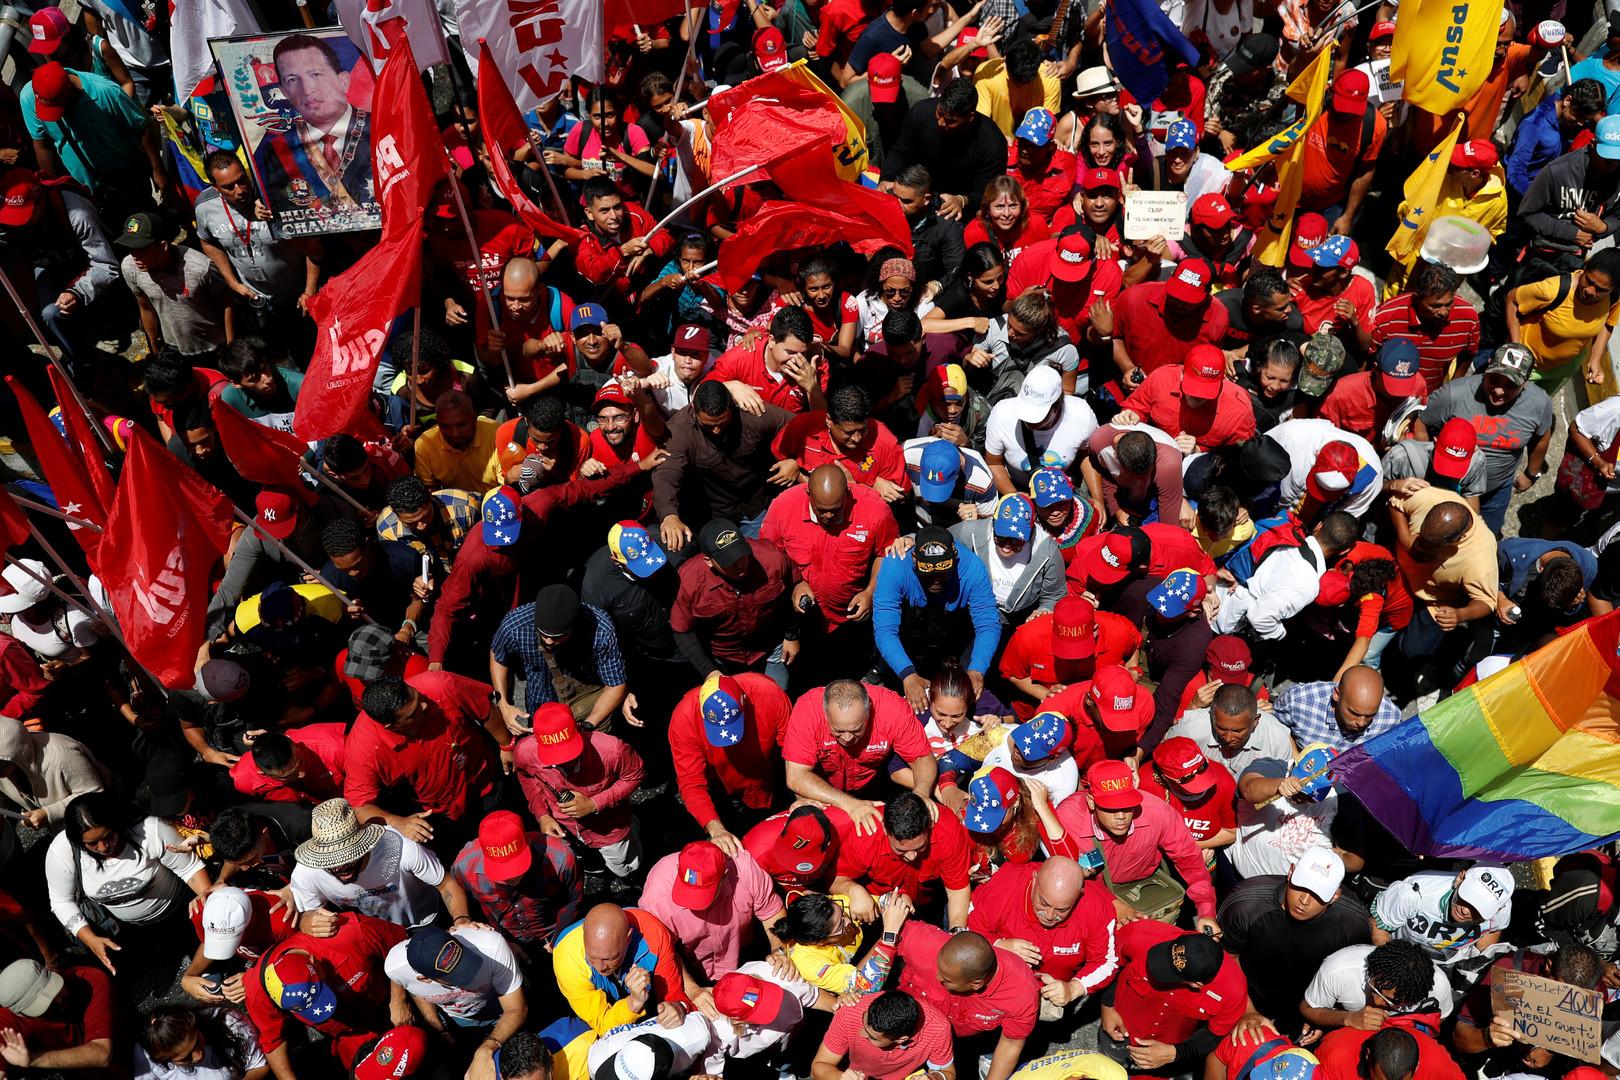 أنصار مادورو يتظاهرون ضد المفوضة السامية لحقوق الإنسان